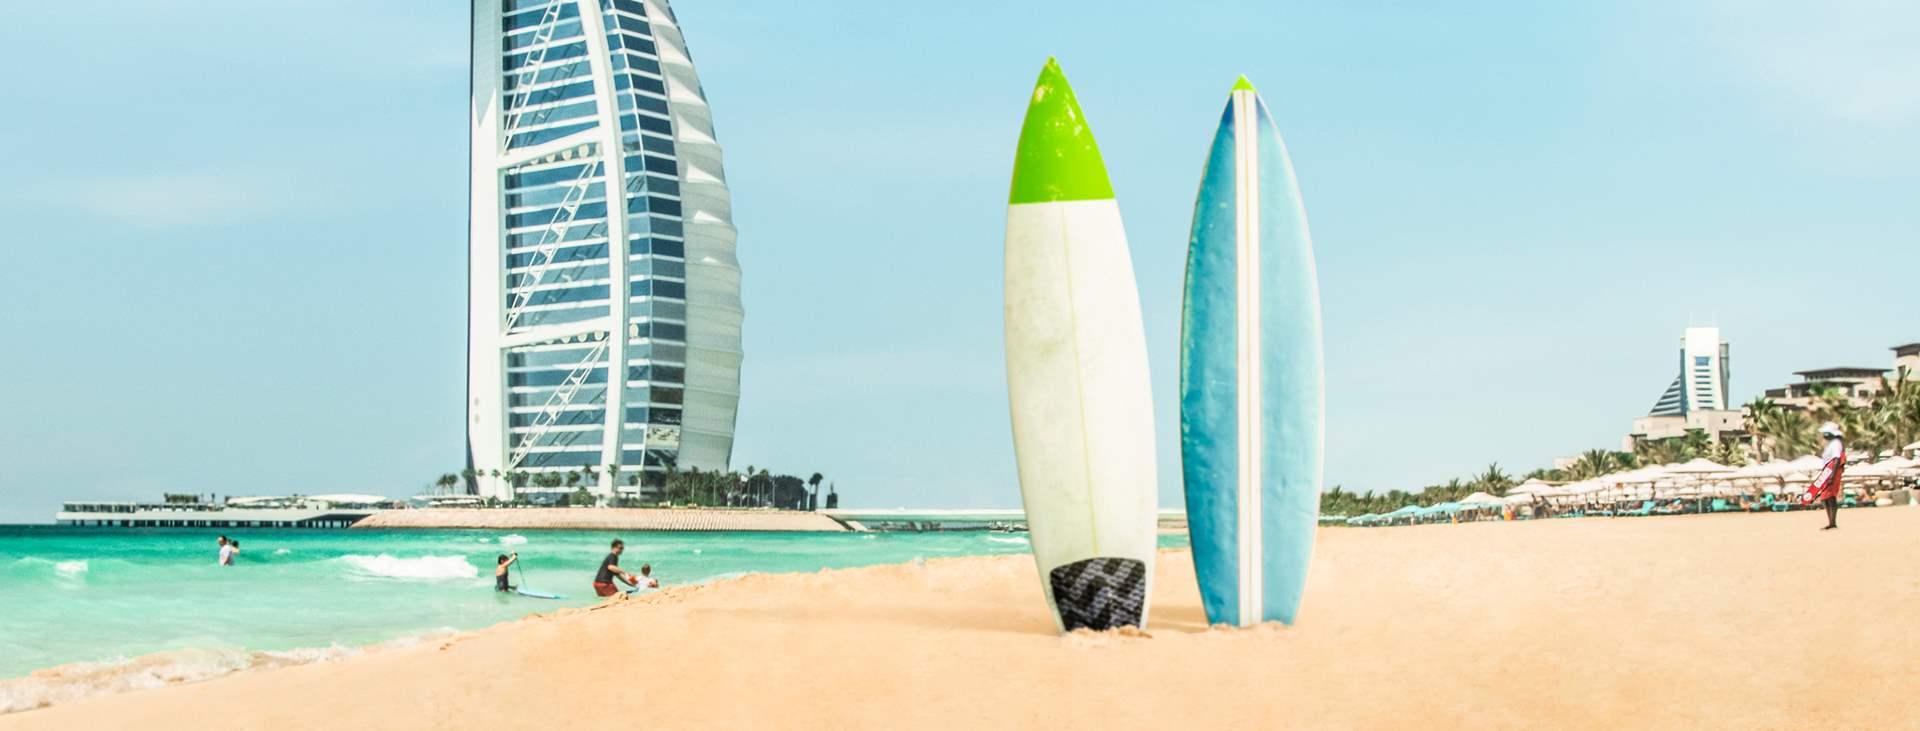 Varaa matkasi Tjäreborgilta Dubain rantaparatiisiin, Jumeirah Beachille